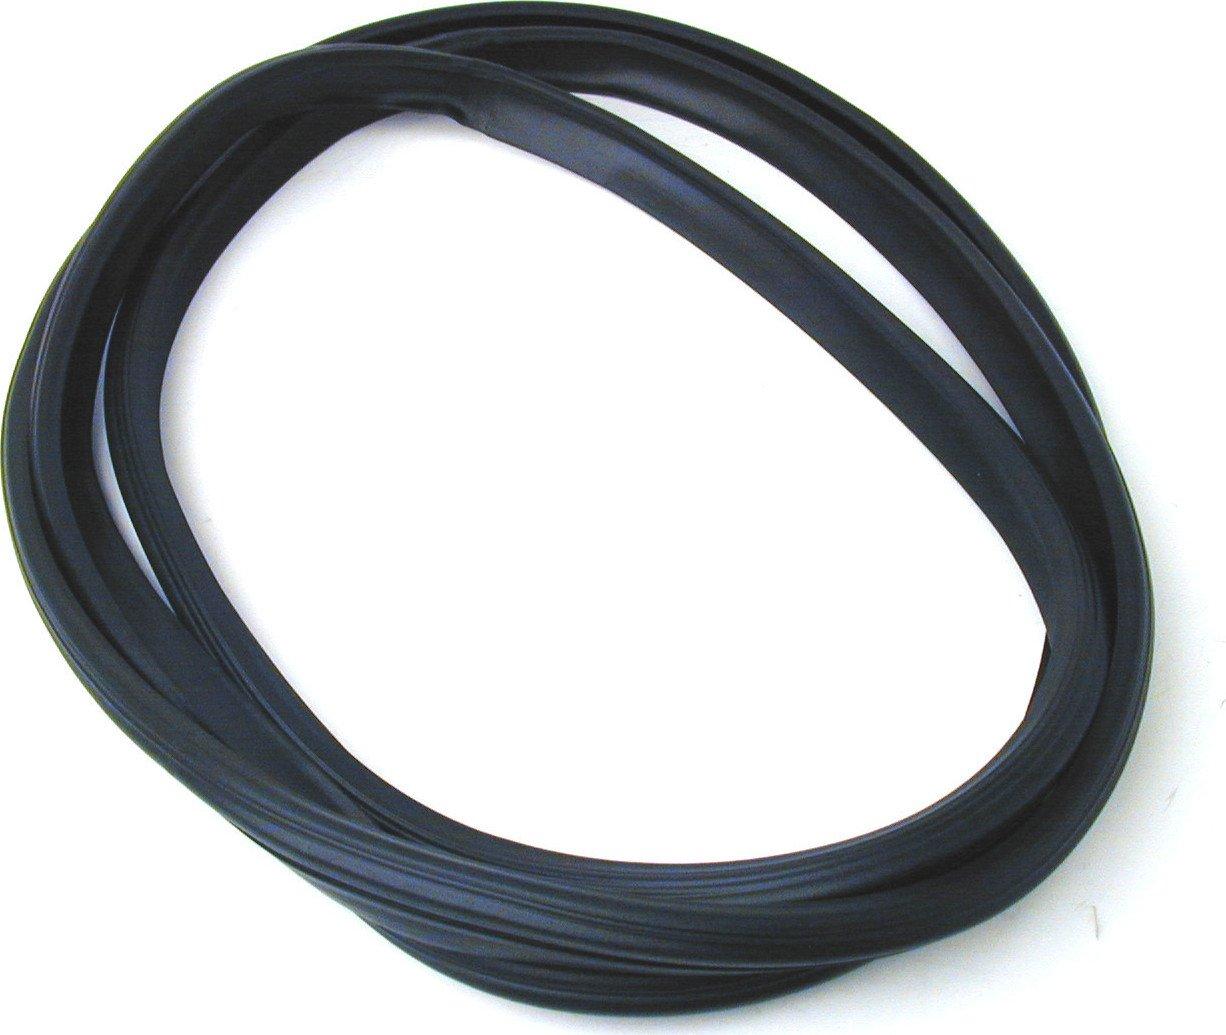 URO Parts 123 758 0098 Trunk Seal